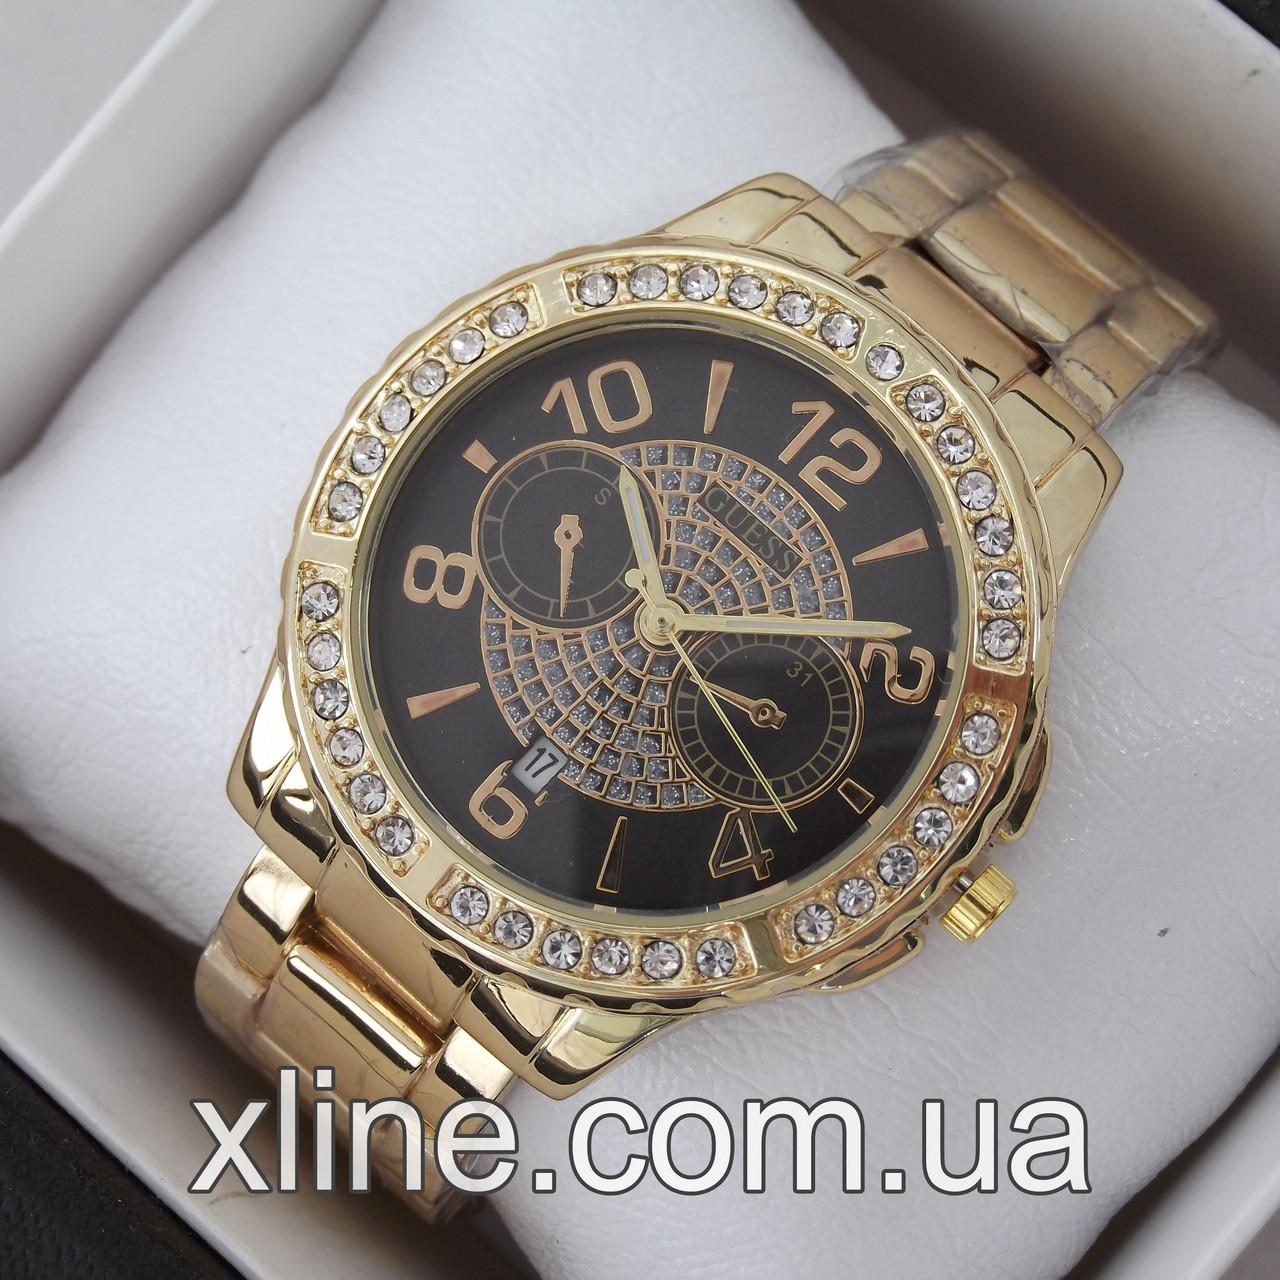 Жіночі наручні годинники Guess A47 на металевому браслеті